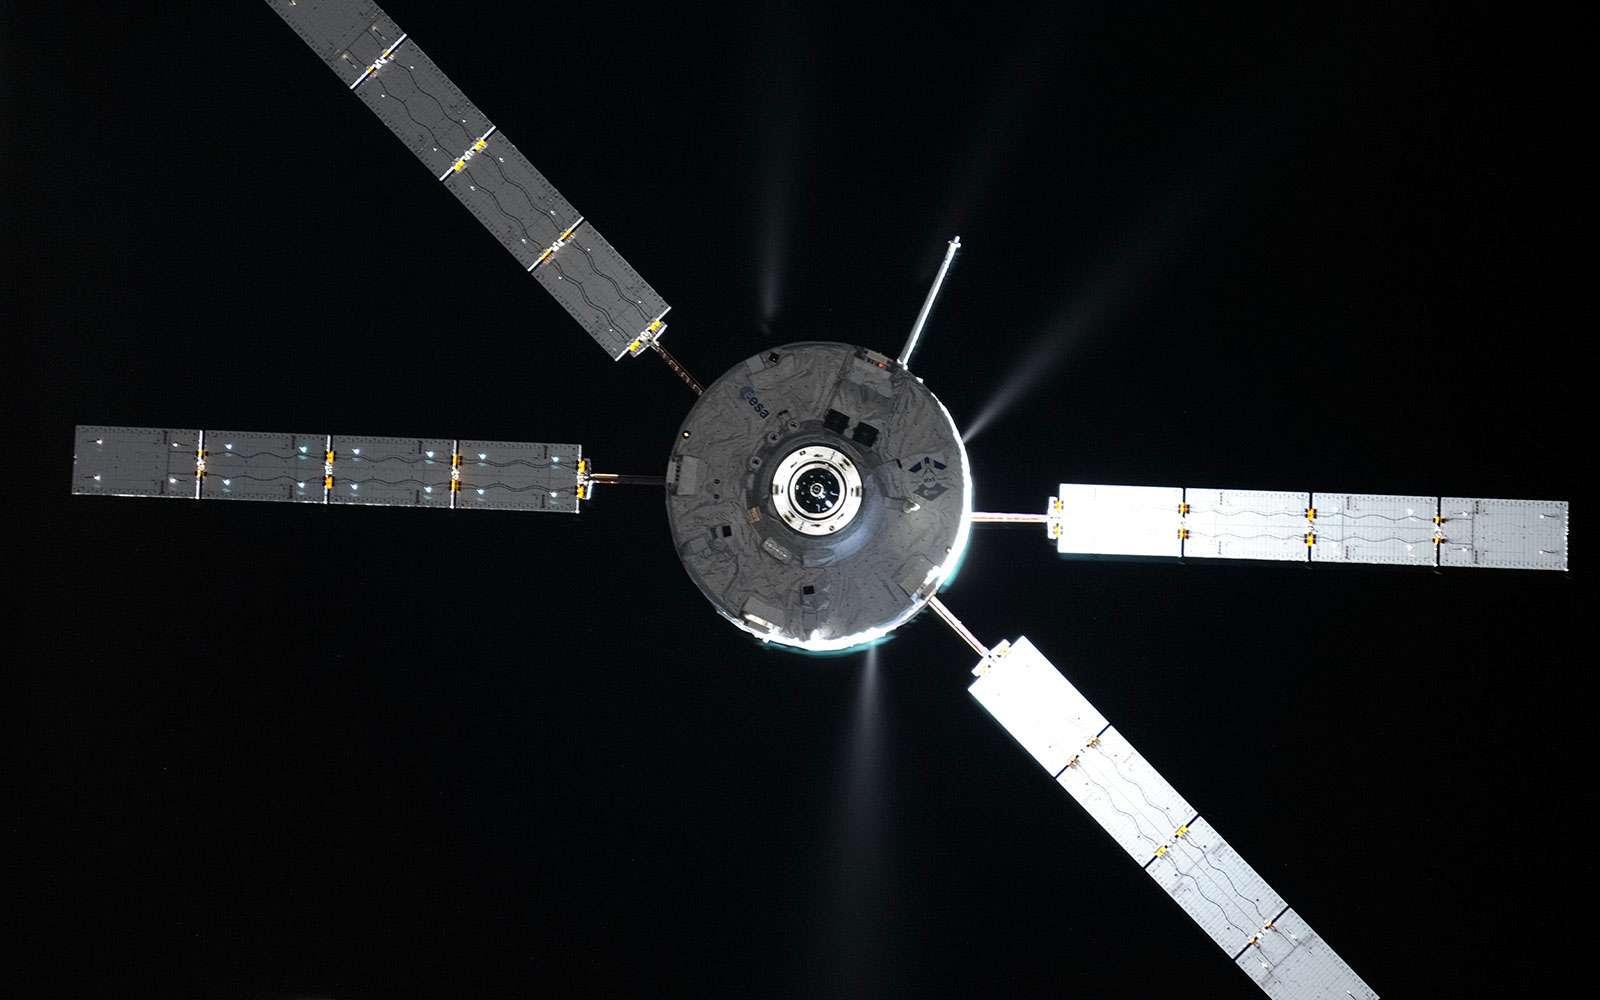 L'ATV-5 Georges Lemaître manœuvrant à proximité de la Station spatiale internationale avant de s'y amarrer (juillet 2014). © Roscosmos, O. Artemyev